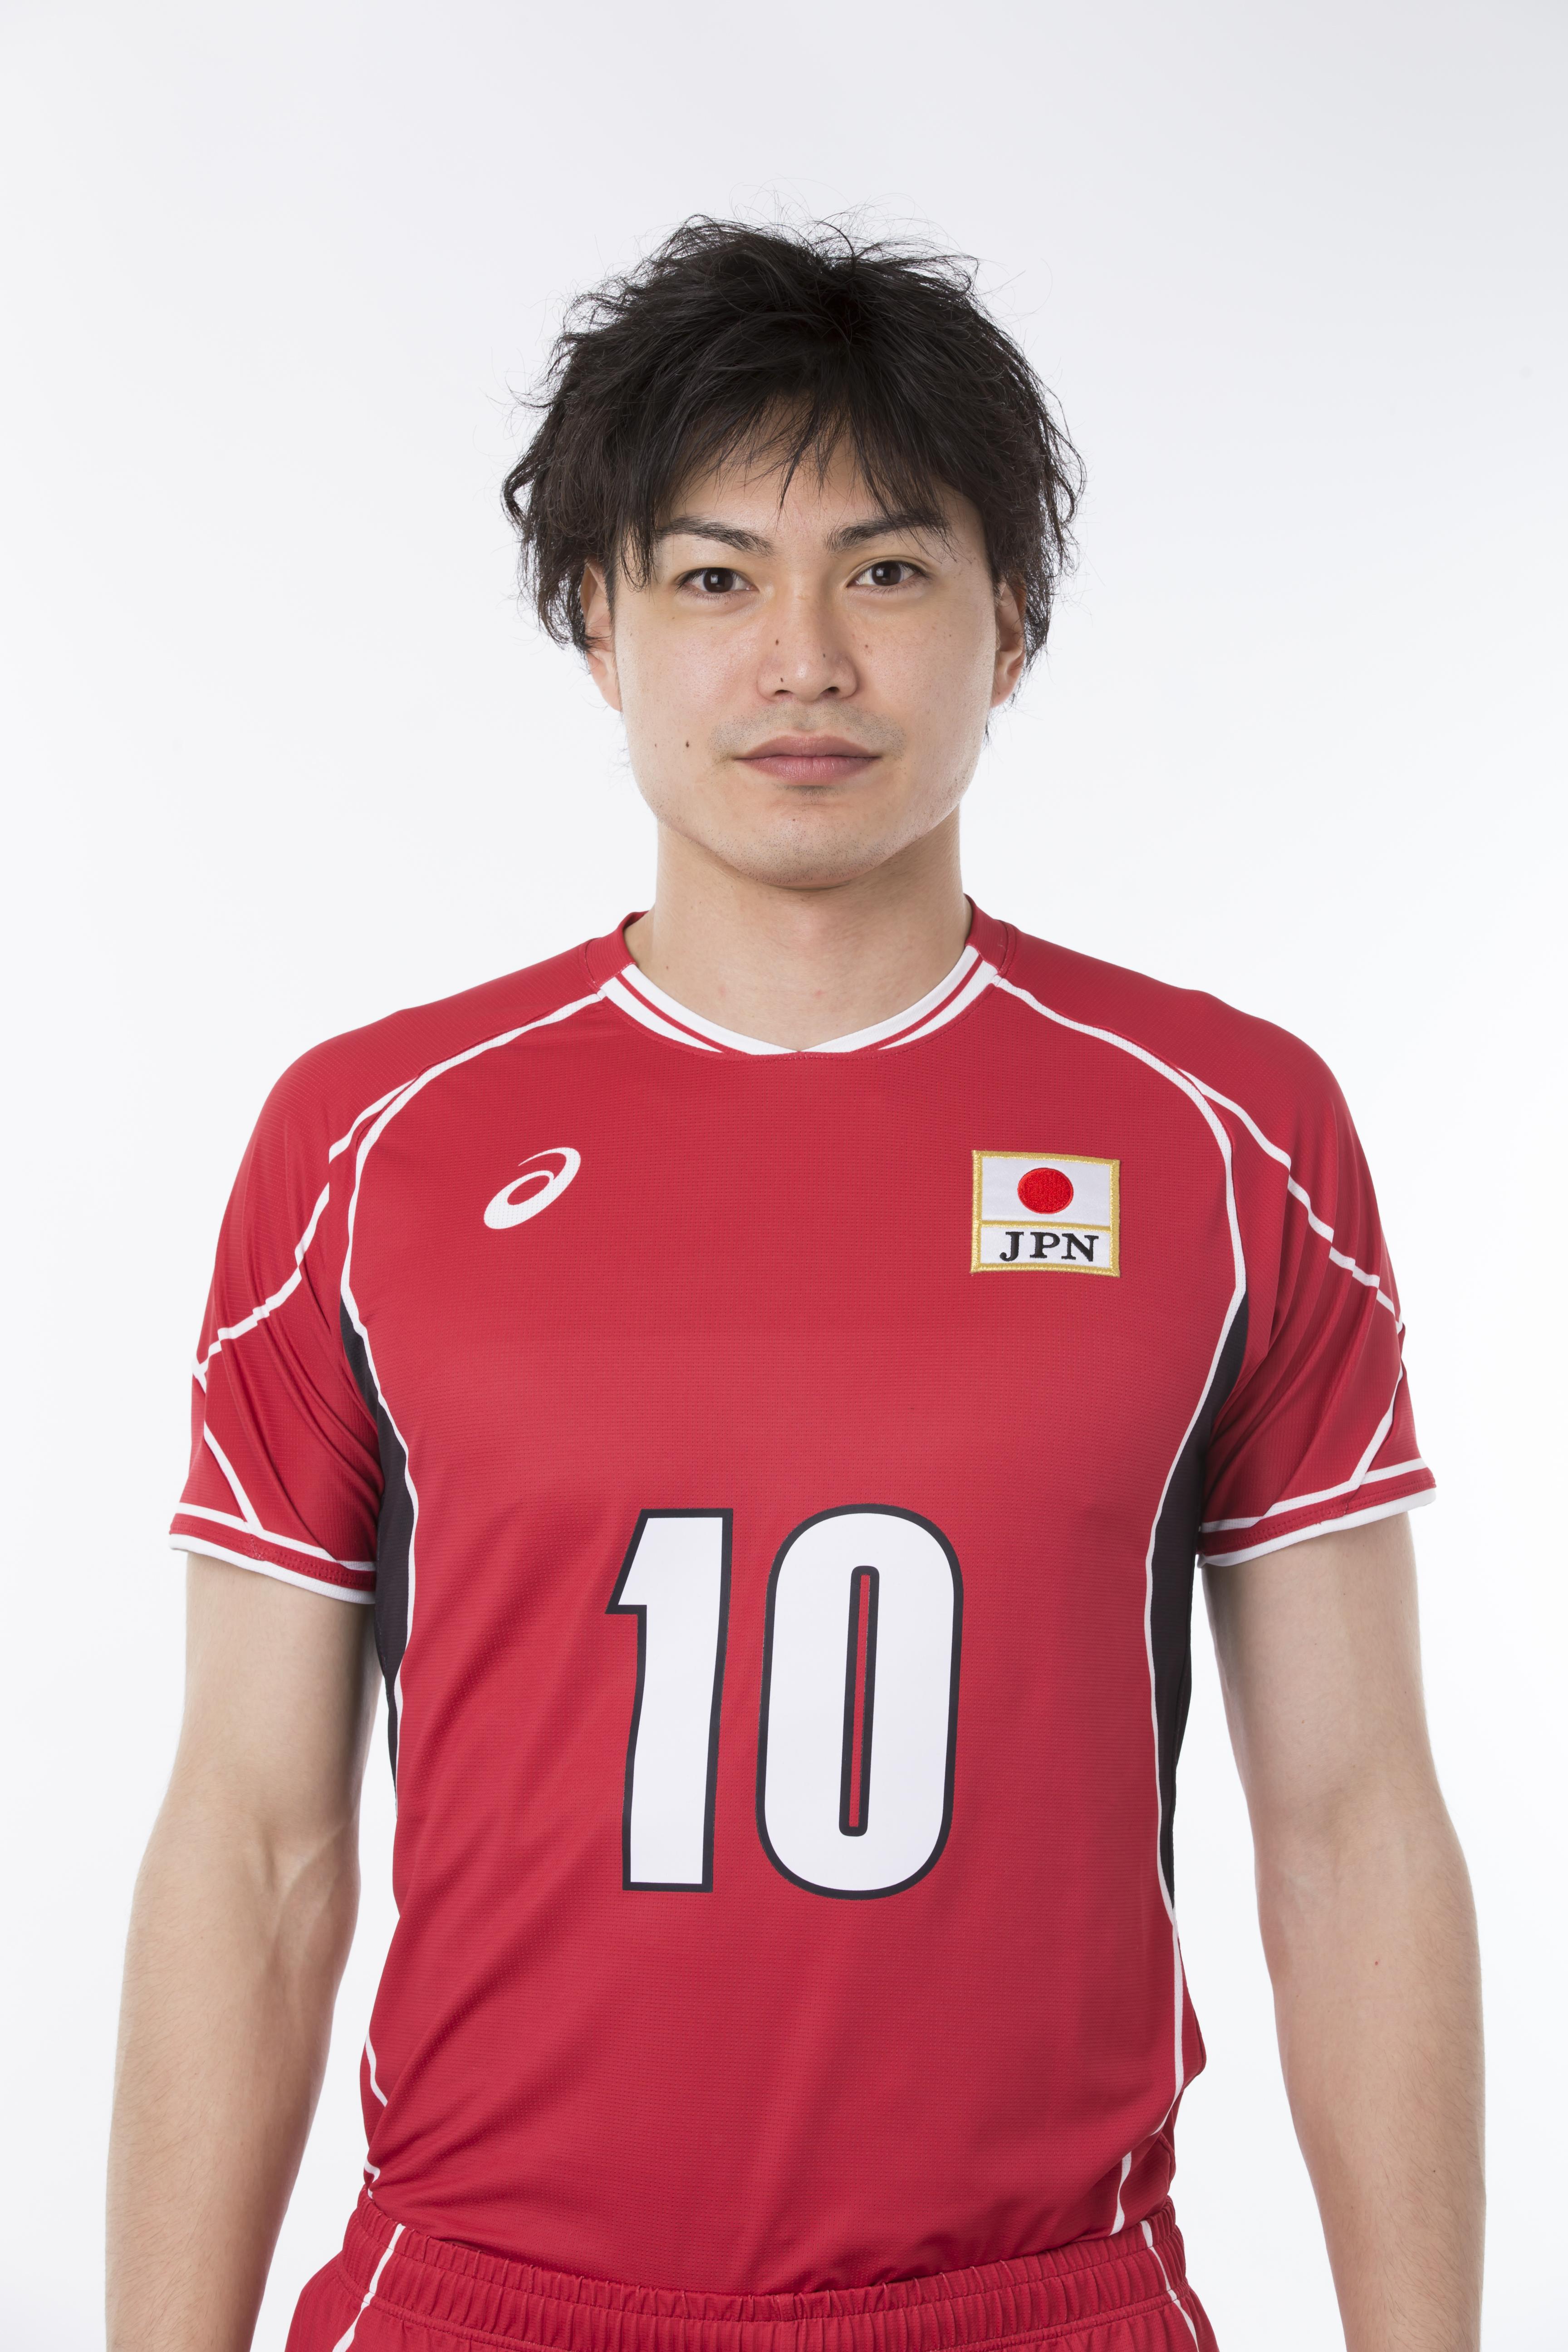 Daisuke Yako